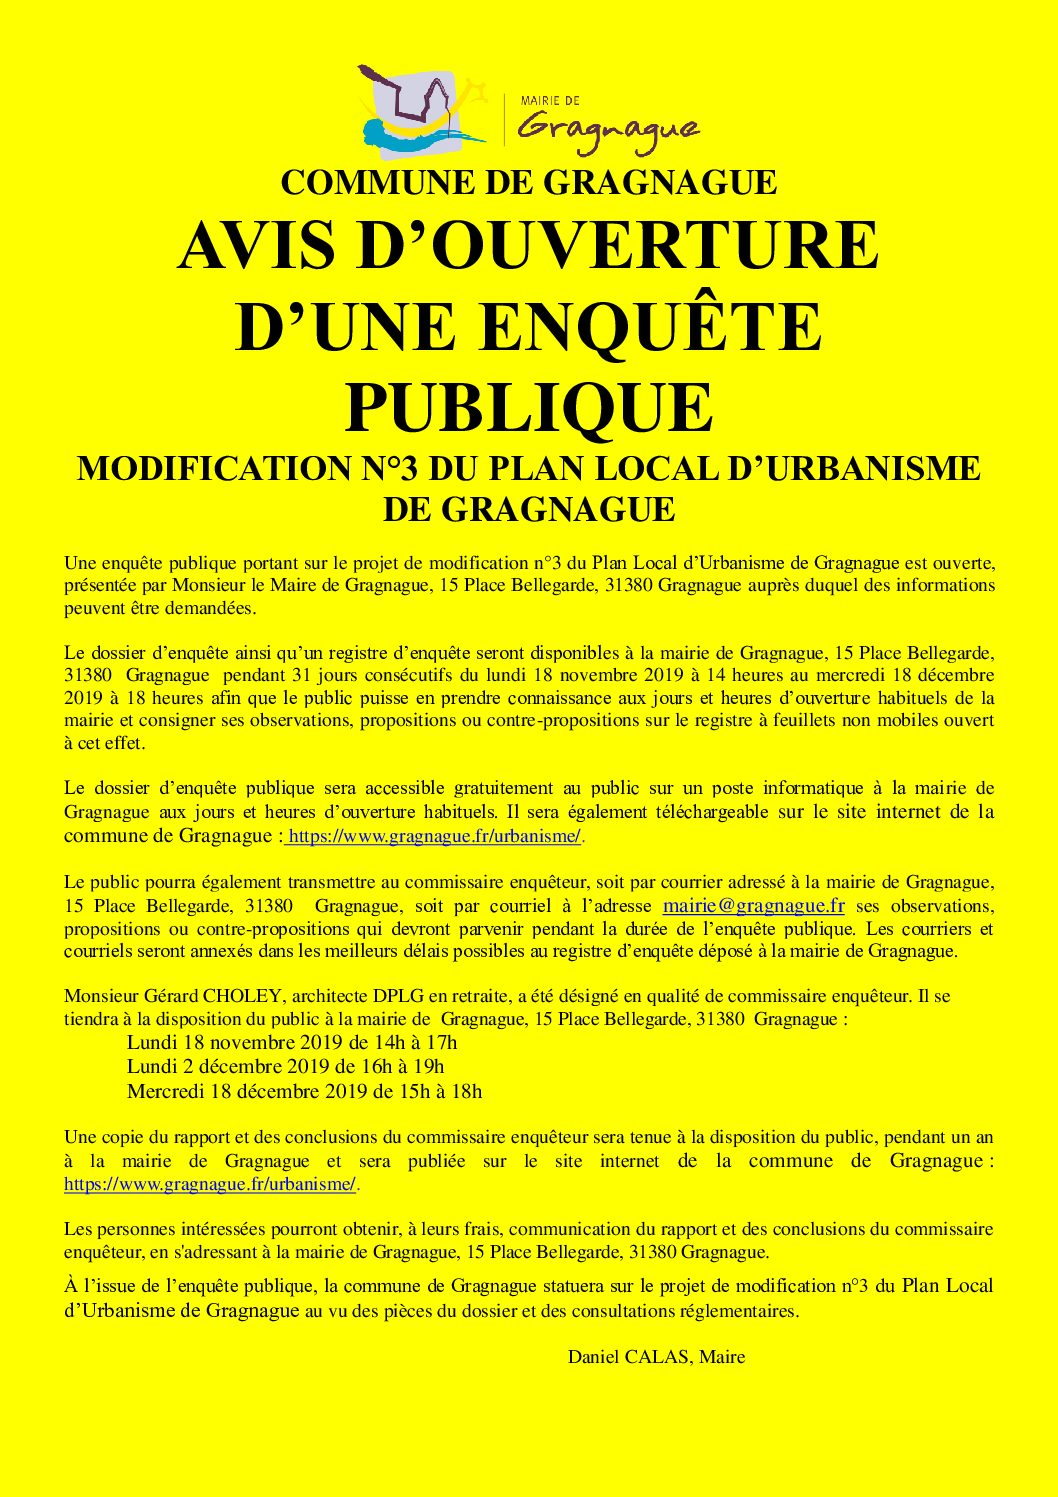 Avis d'ouverture d'une enquête publique : modification n°3 du Plan Local d'Urbanisme de Gragnague